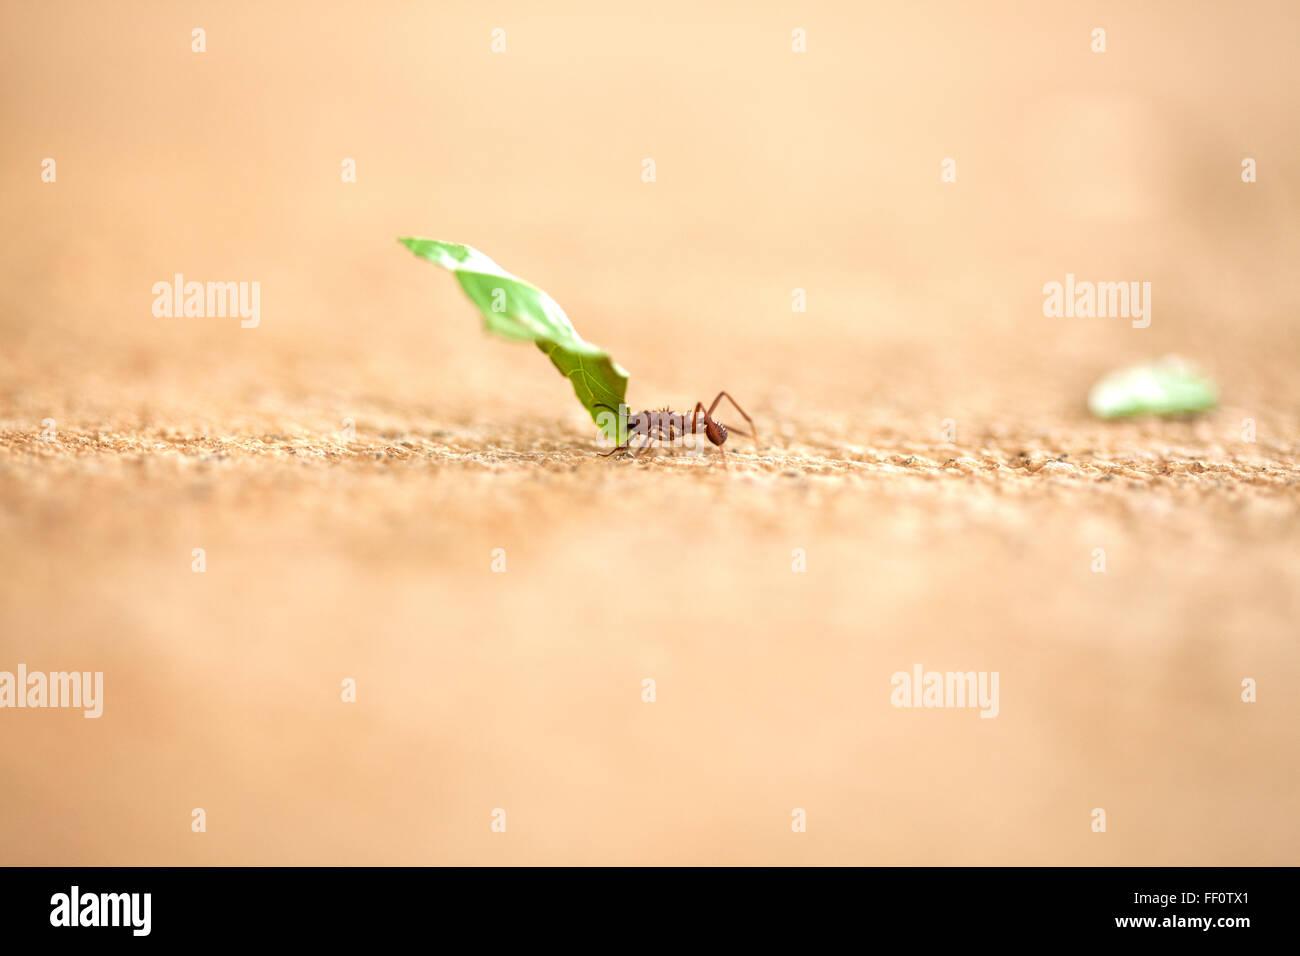 Un close-up di un singolo coltello in foglia ant portando un pezzo di foglia verde attraverso una superficie testurizzata. Immagini Stock